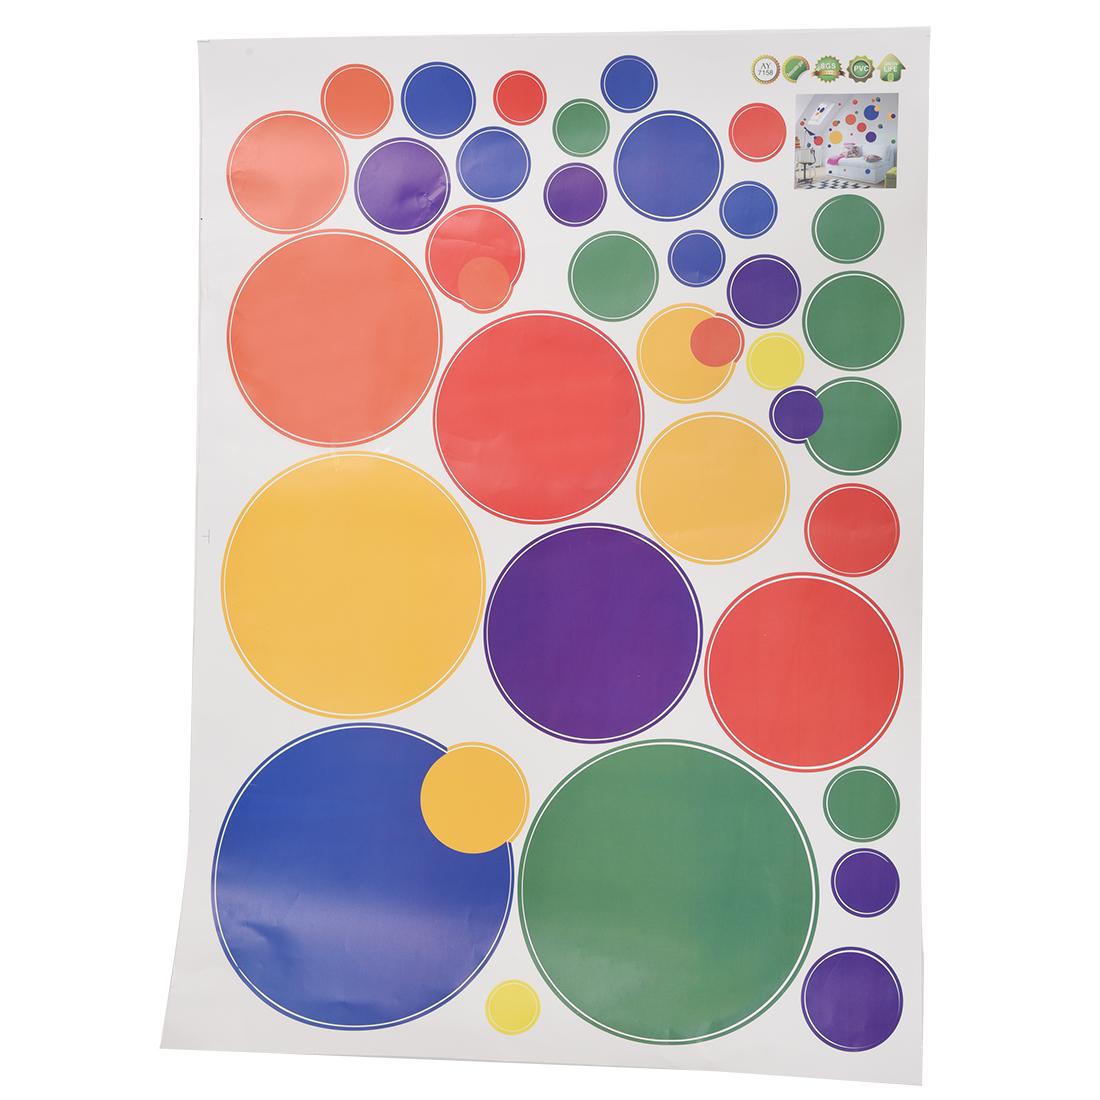 Autocollants muraux amovibles avec cercle colore for Autocollants muraux